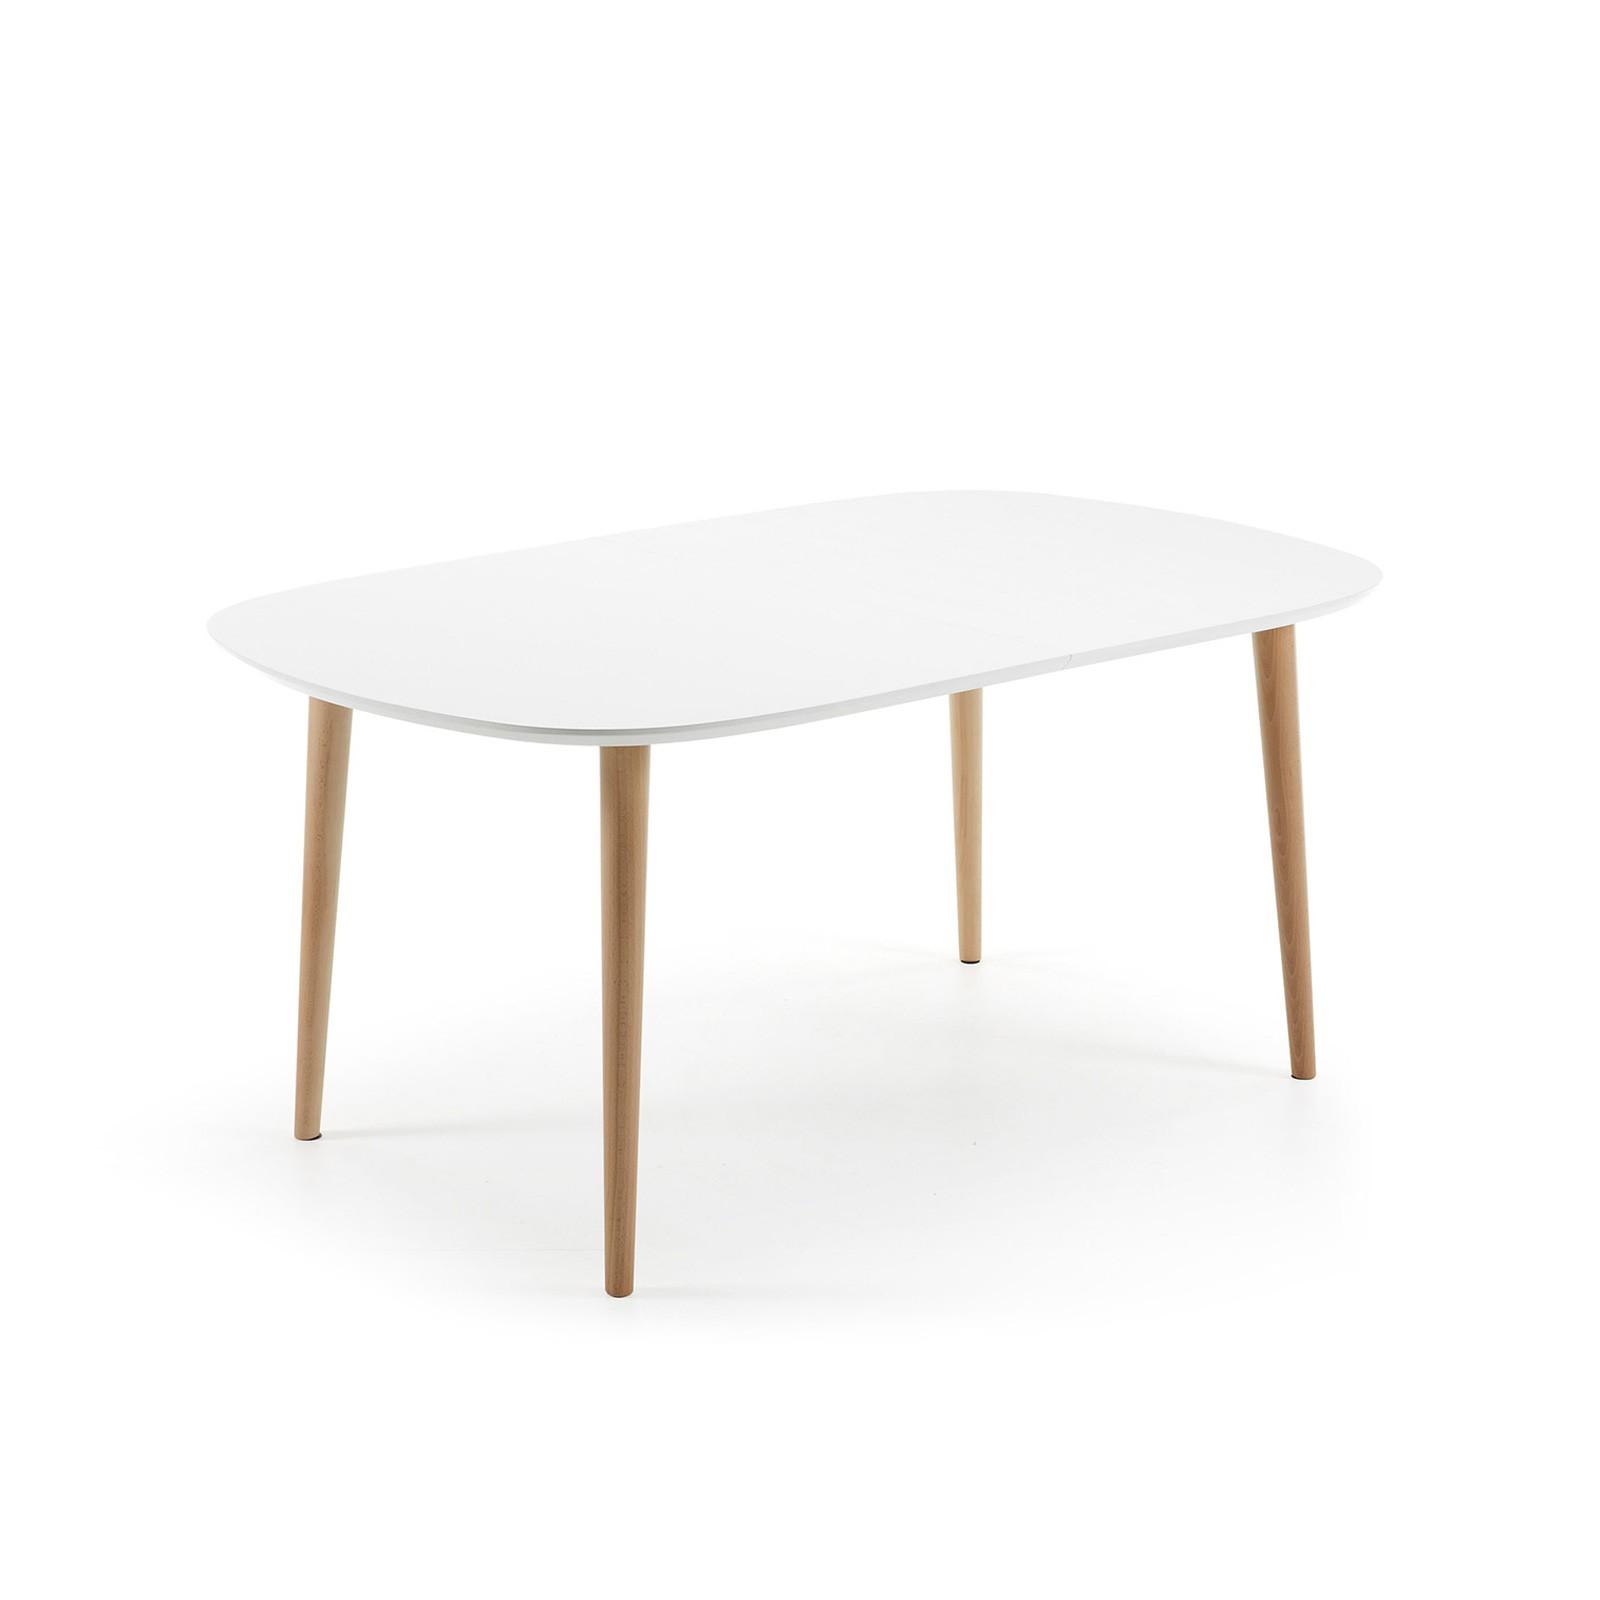 Beautiful tavolo piccolo allungabile contemporary harrop - Tavolo piccolo allungabile ...